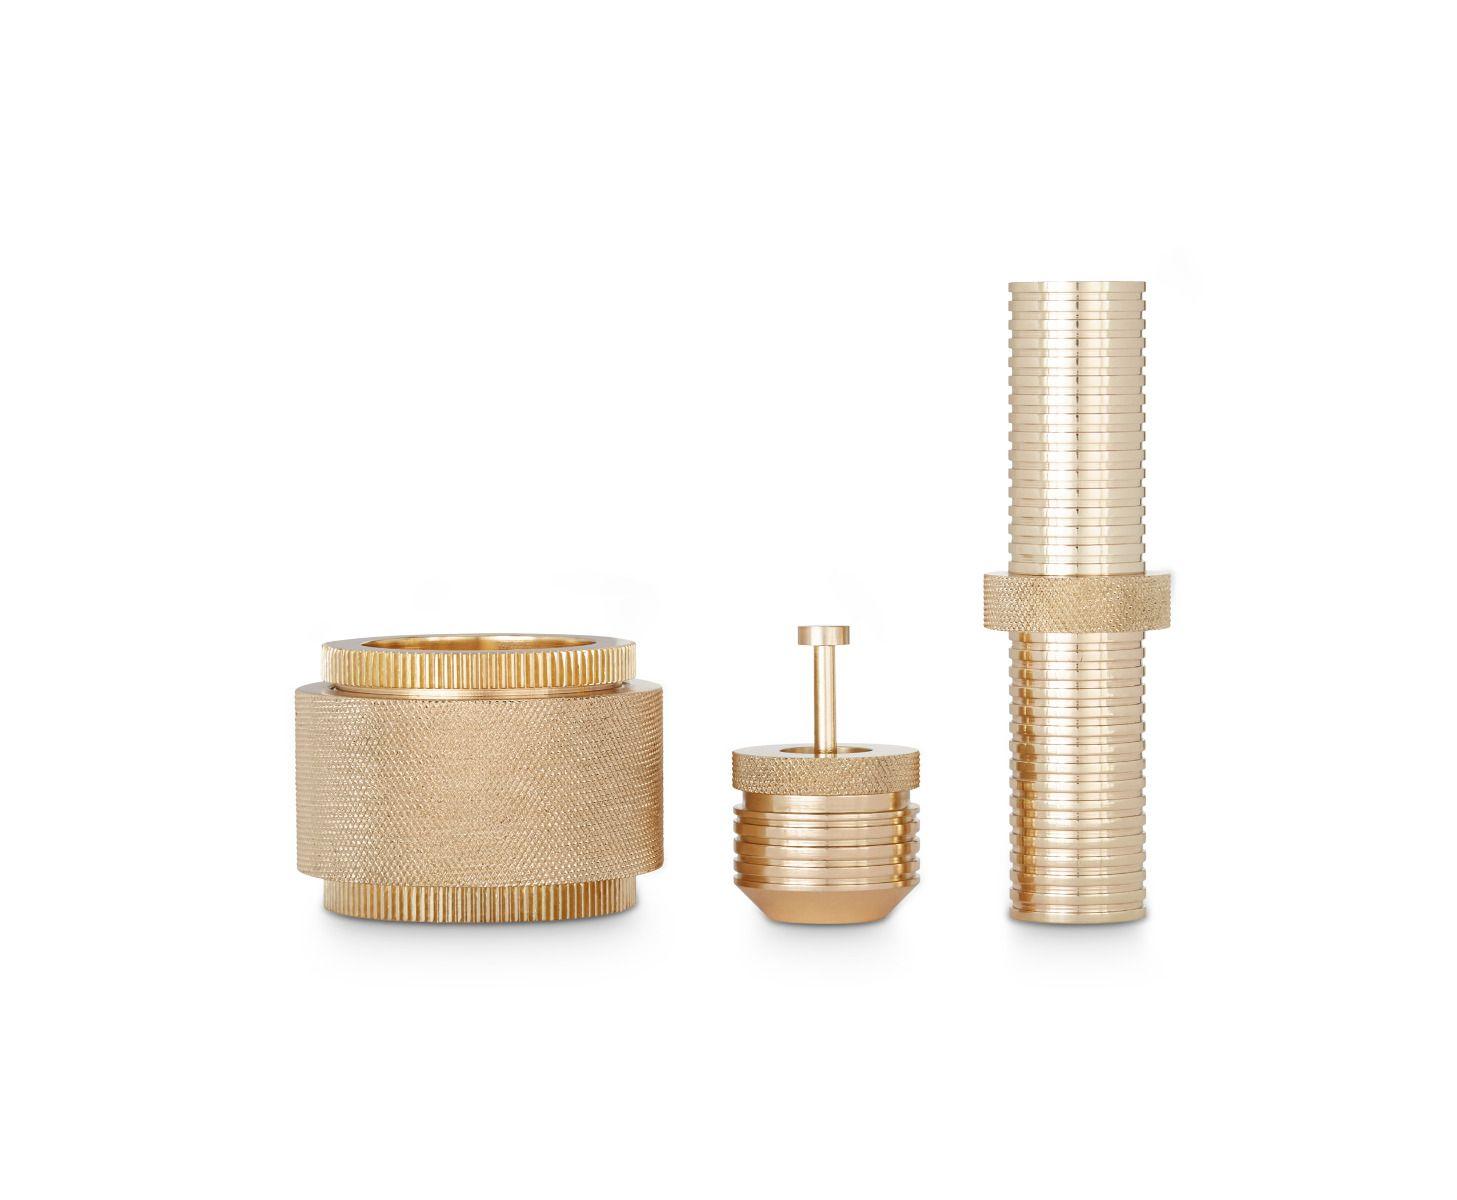 办公辅件|办公文具|创意家具|现代家居|时尚家具|设计师家具|定制家具|实木家具|齿轮黄铜小笔筒